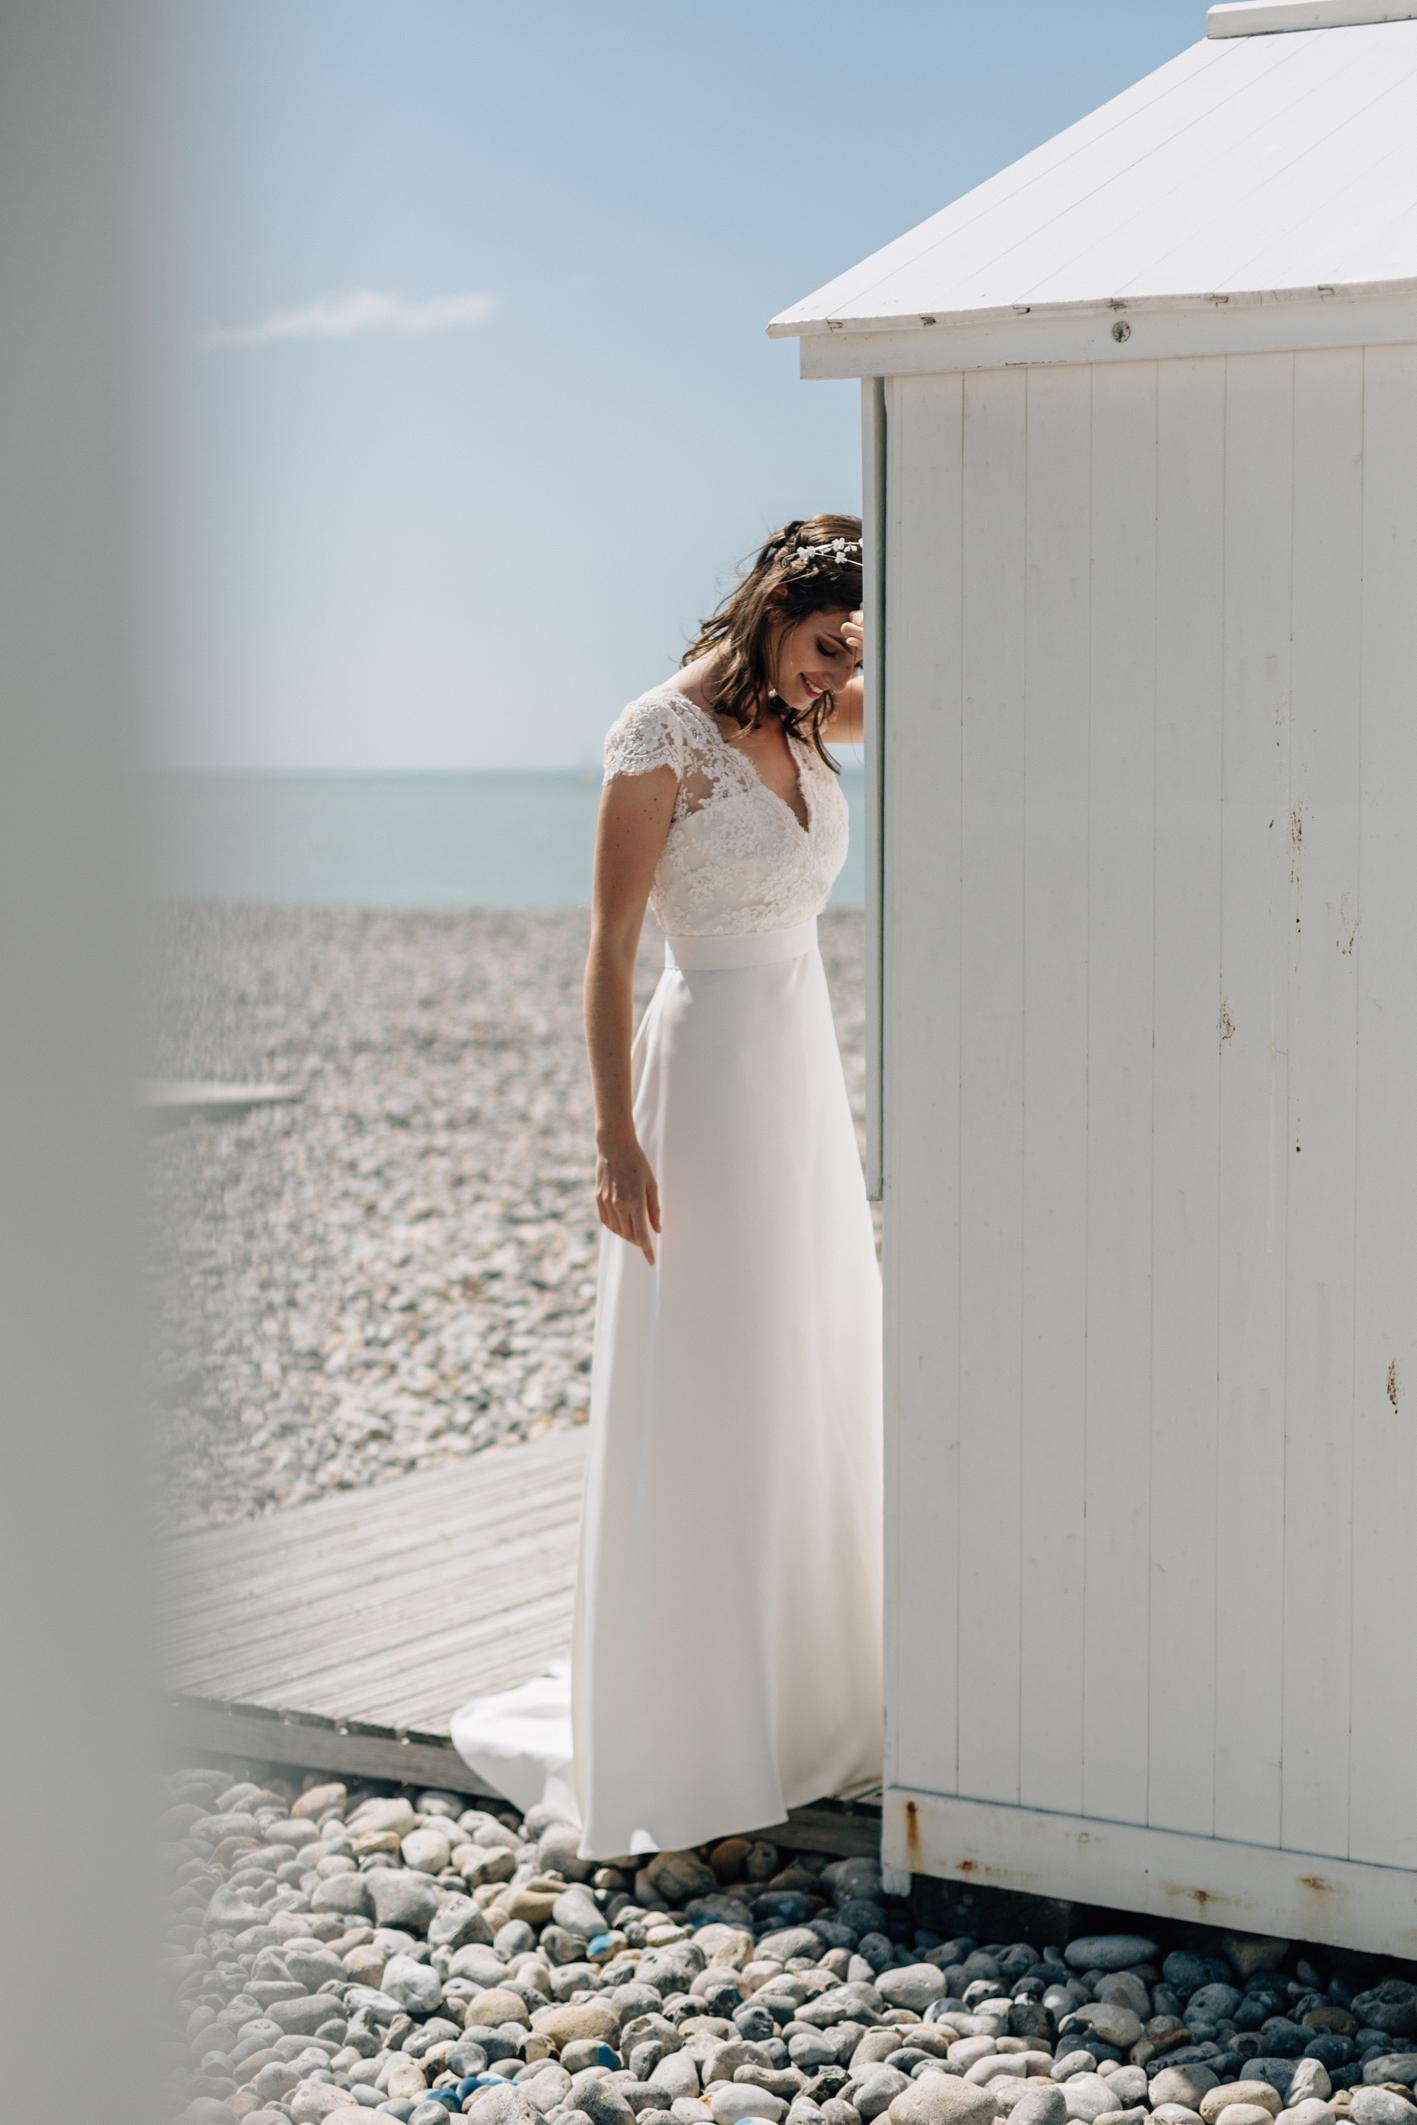 Pierre Atelier / wedding photographer Paris / photographe mariage / wedding planner / ceremonie laique